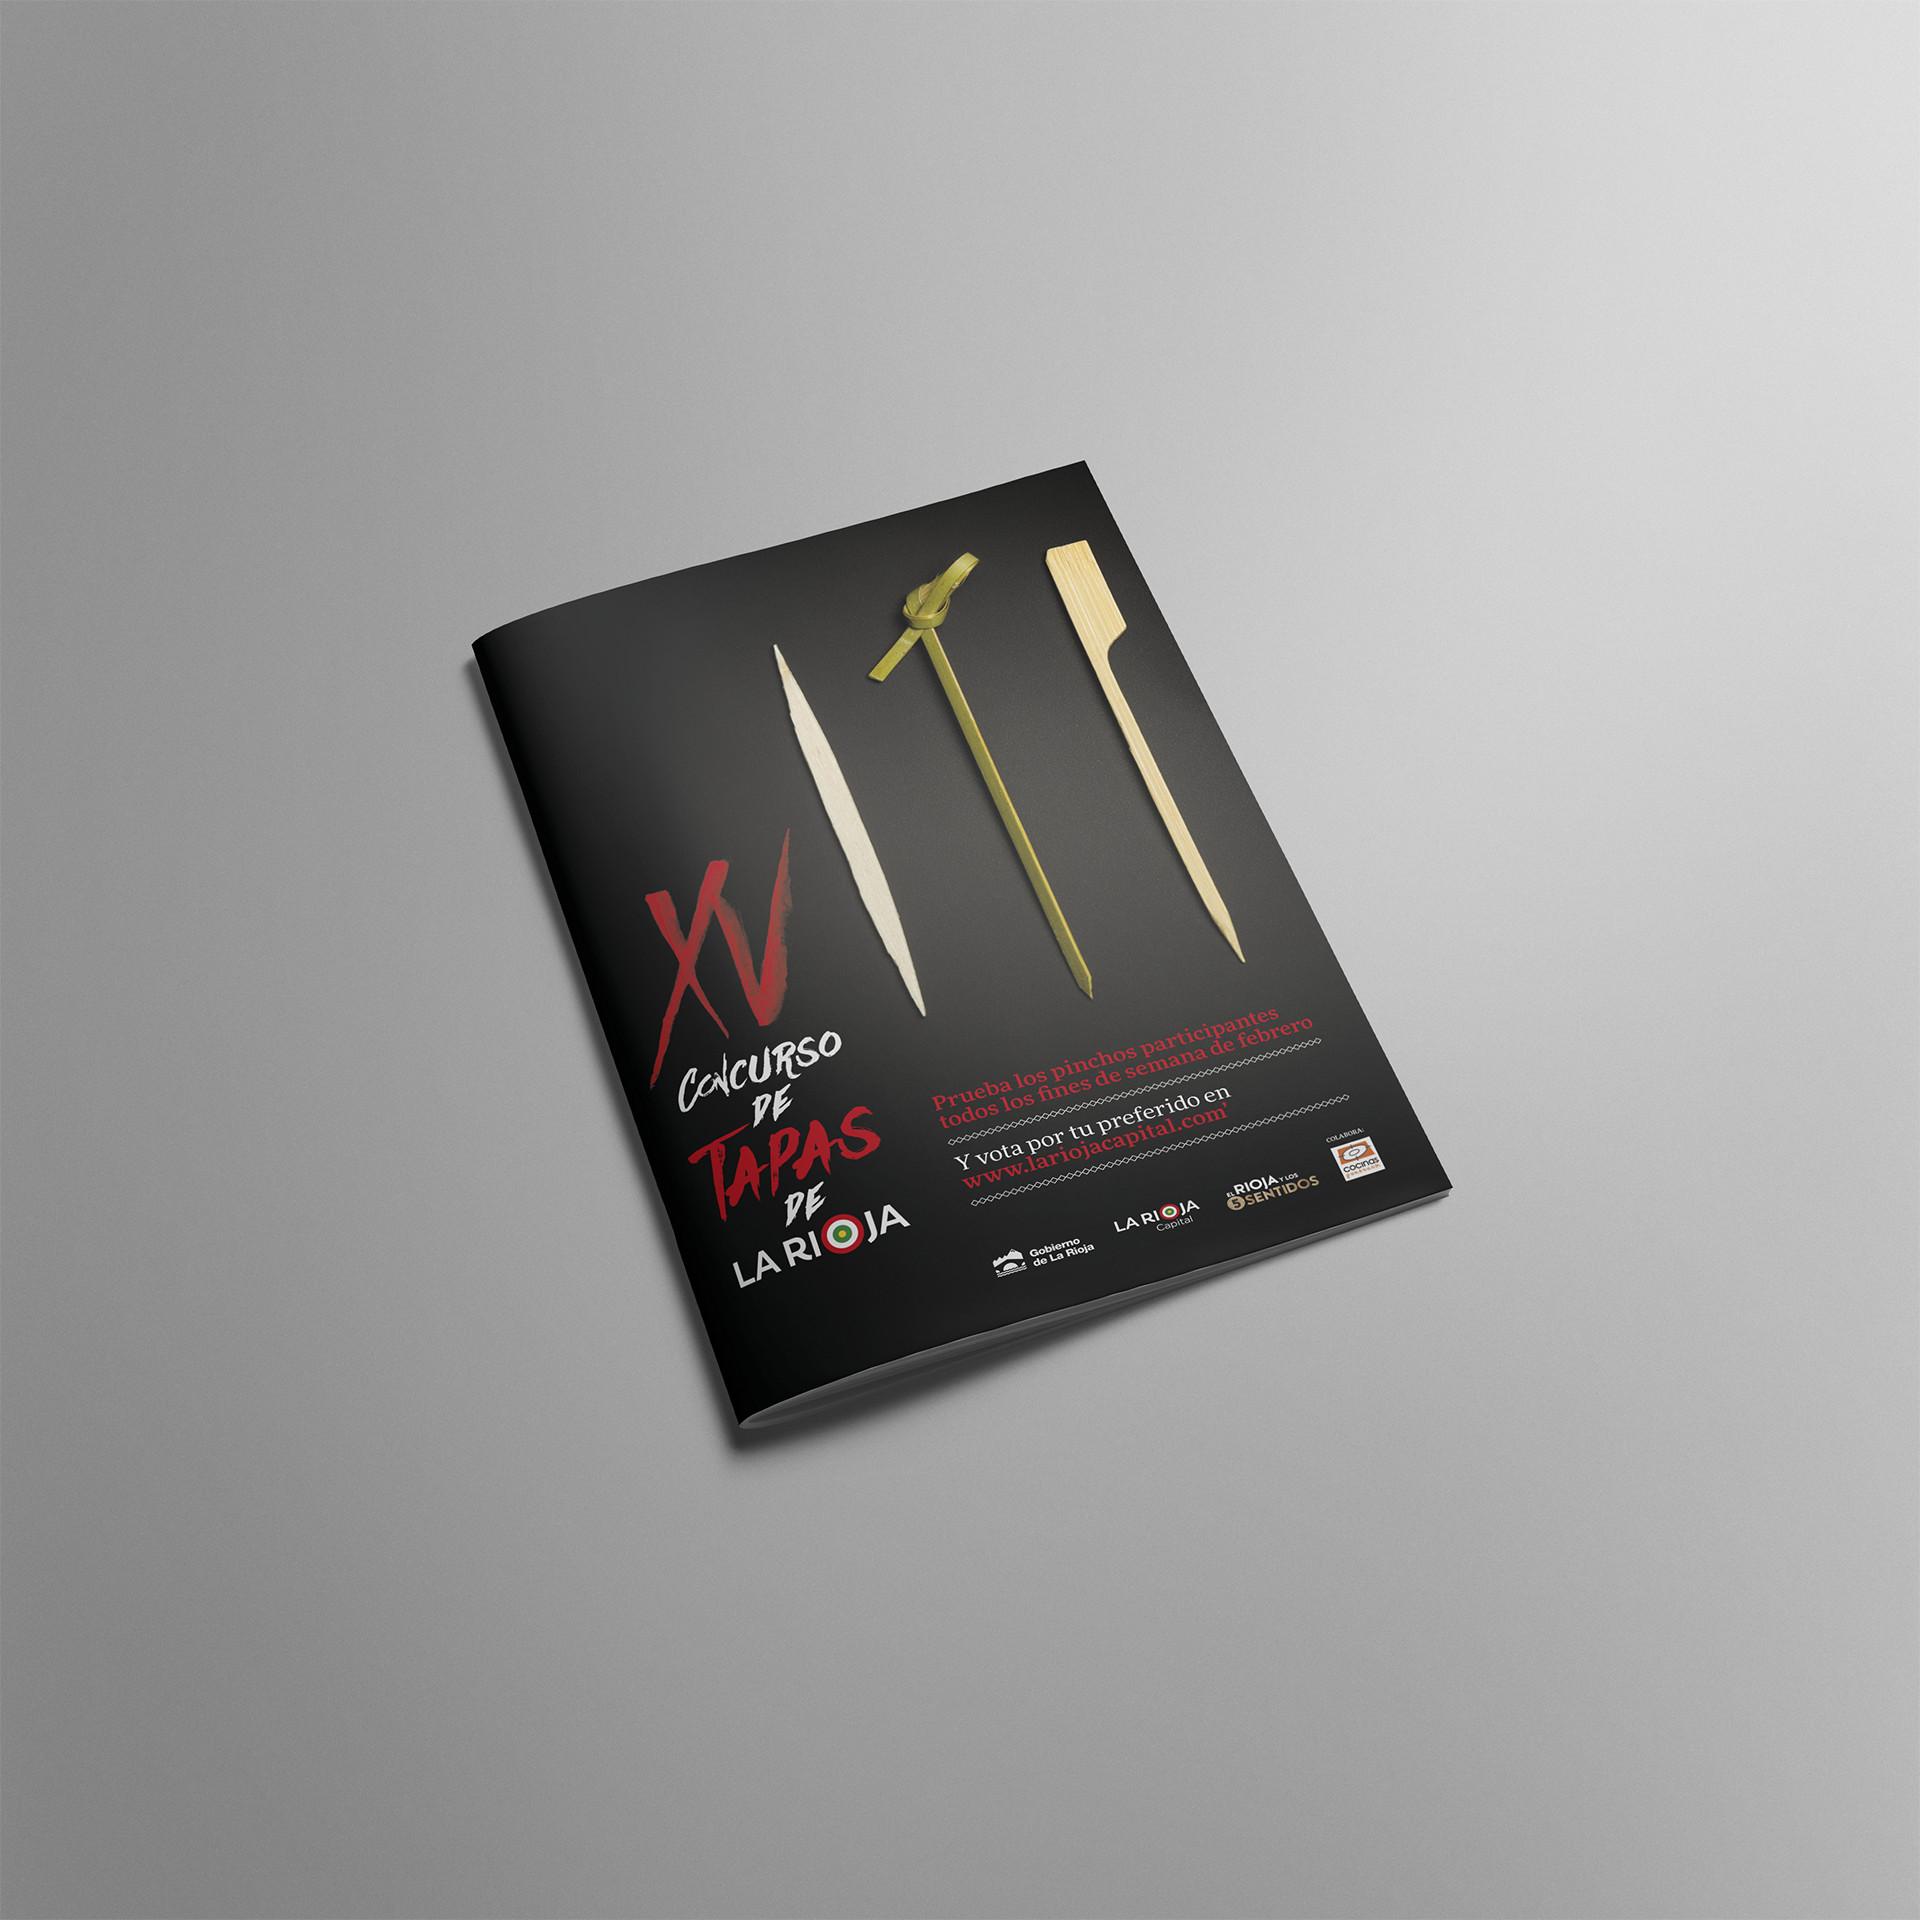 Diseño portada folleto XV concurso tapas La Rioja